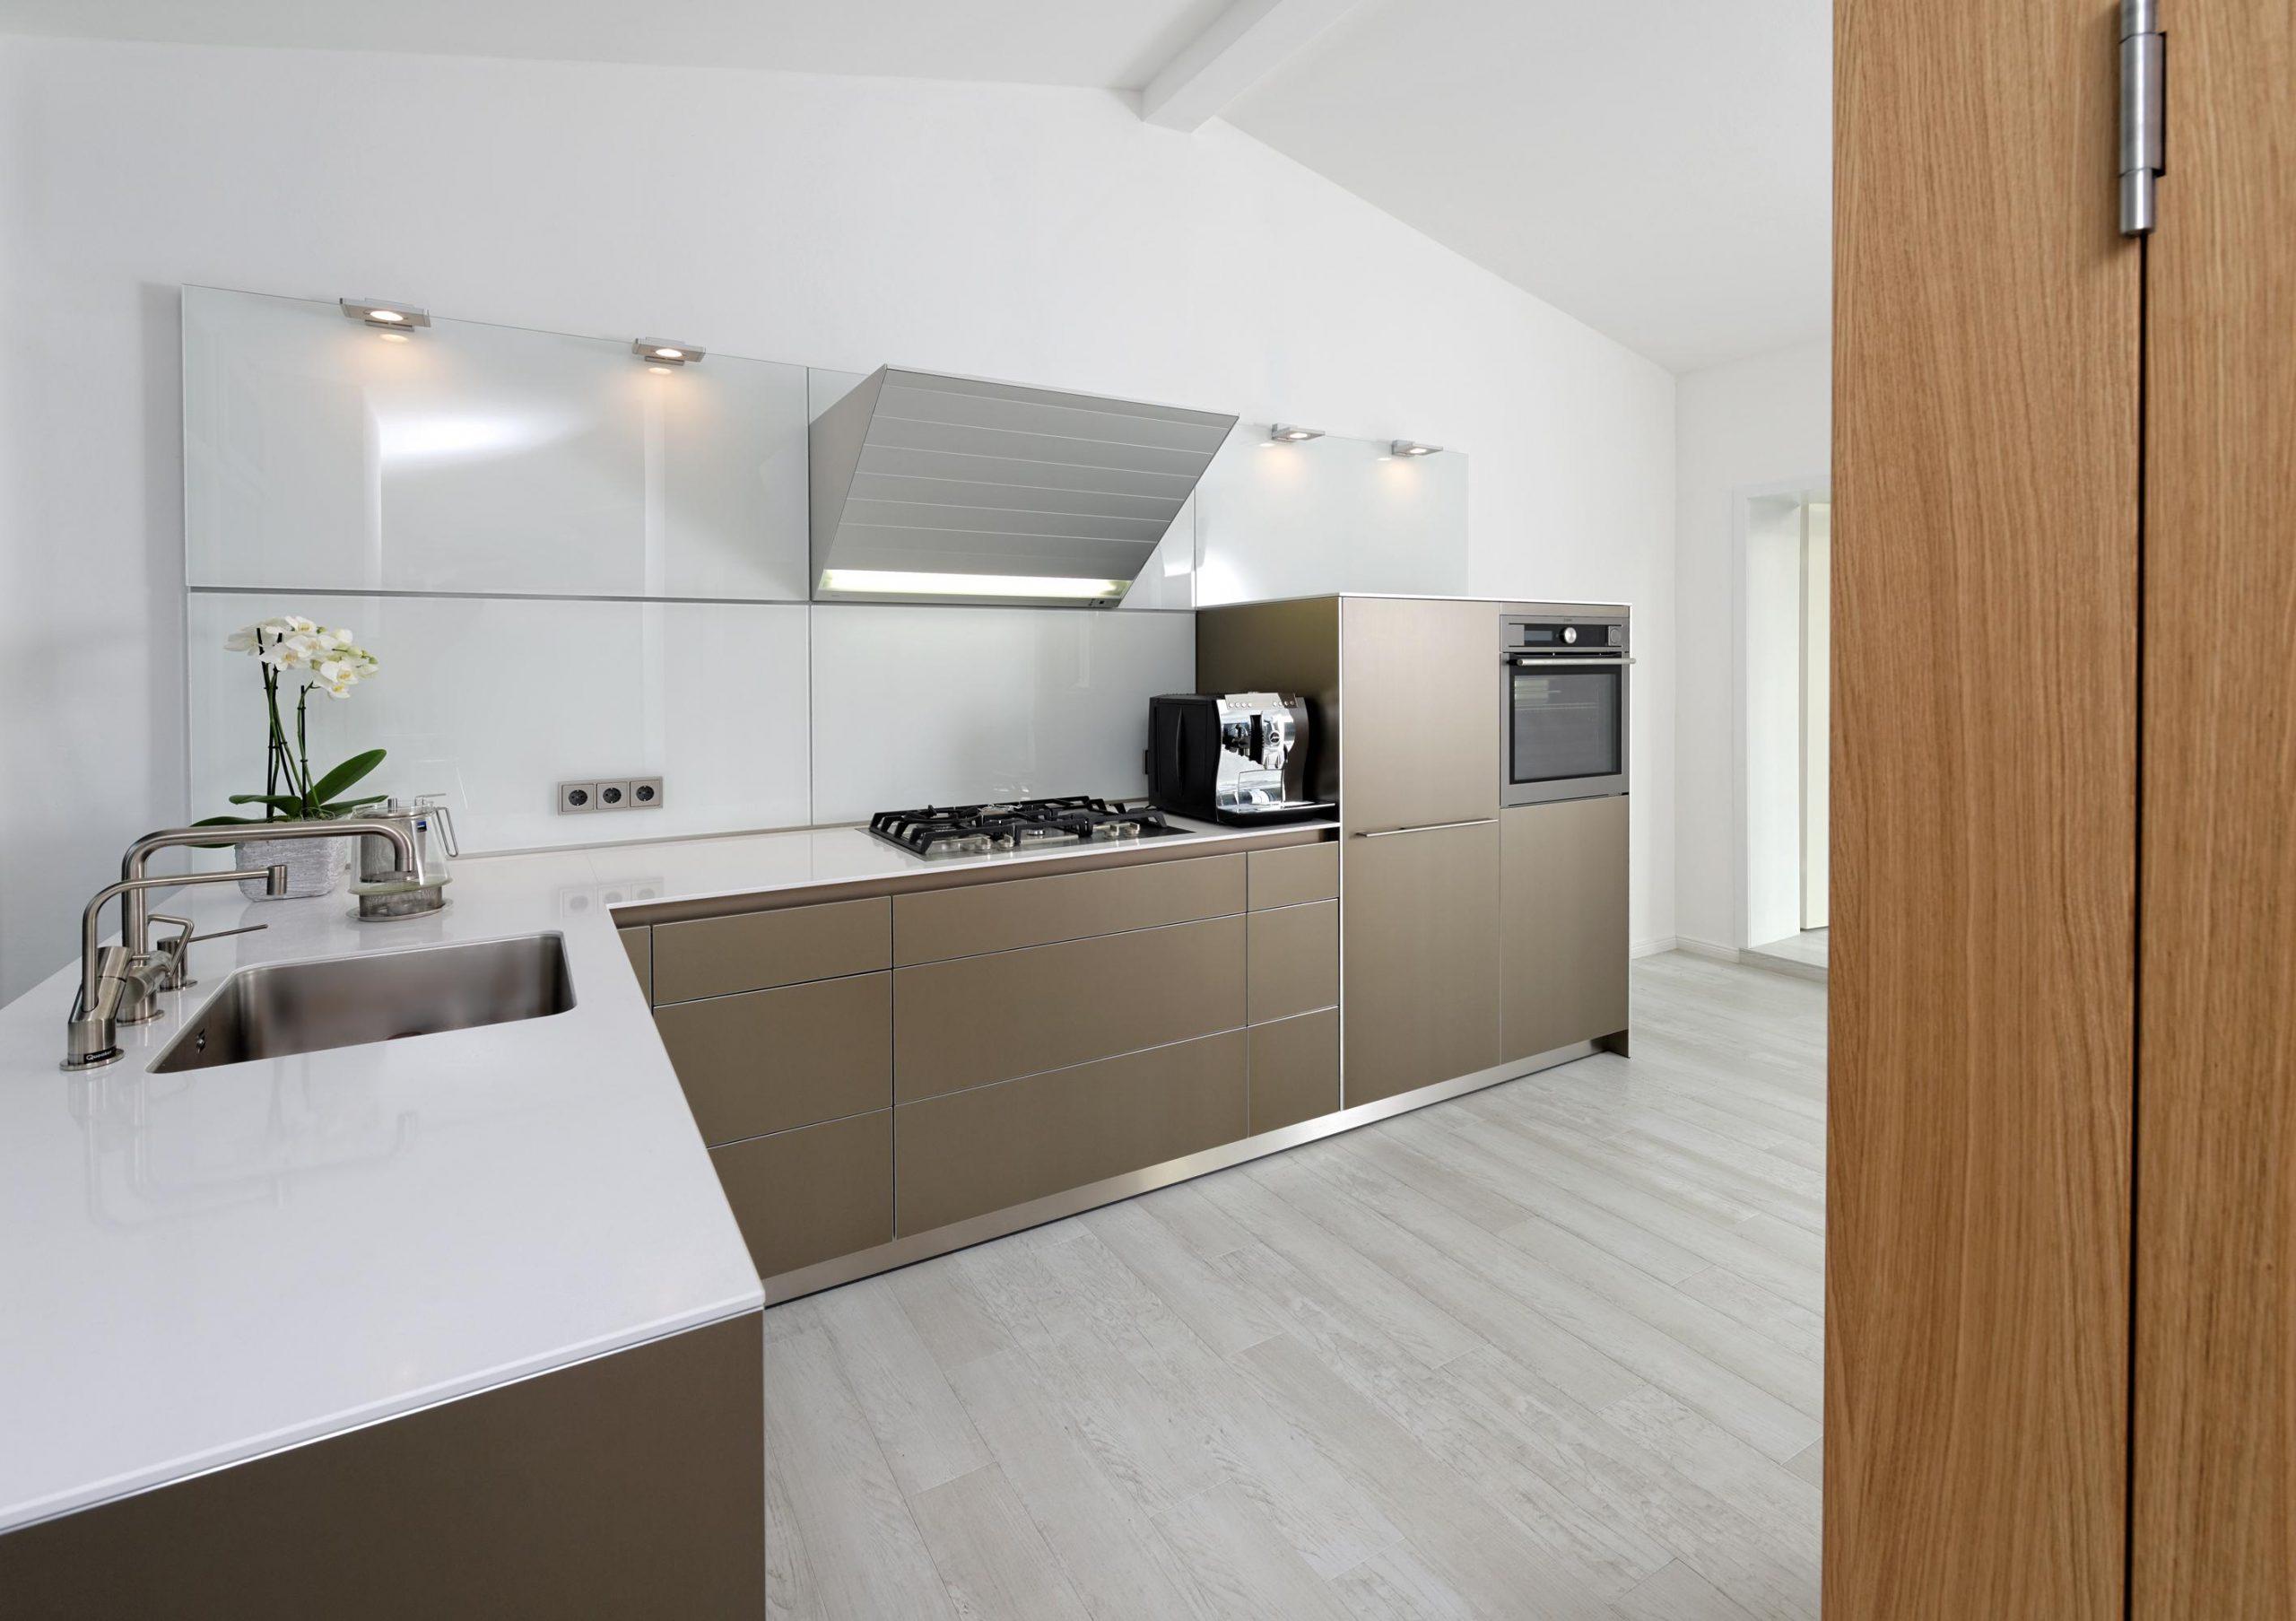 Full Size of Küchen Ideen L Form Kche Bilder Couch Bad Renovieren Regal Wohnzimmer Tapeten Wohnzimmer Küchen Ideen